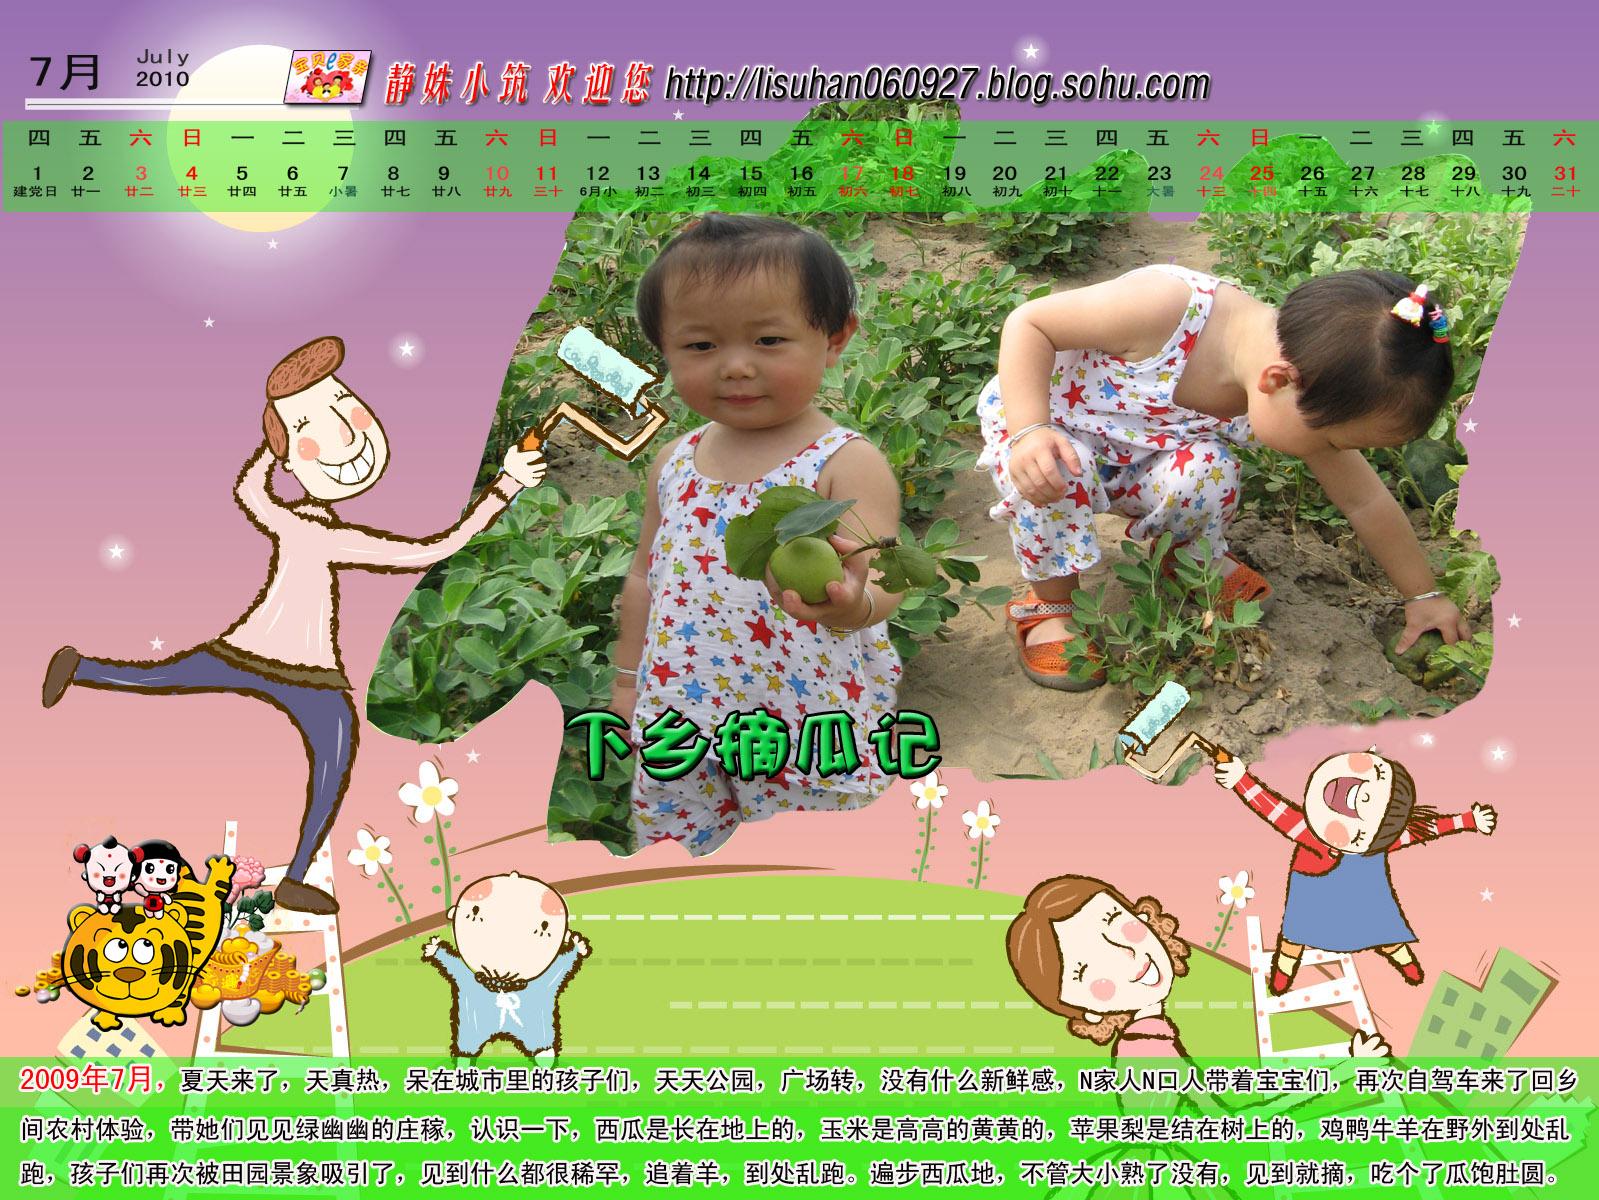 【2010新年贺卡】姝宝成长2009